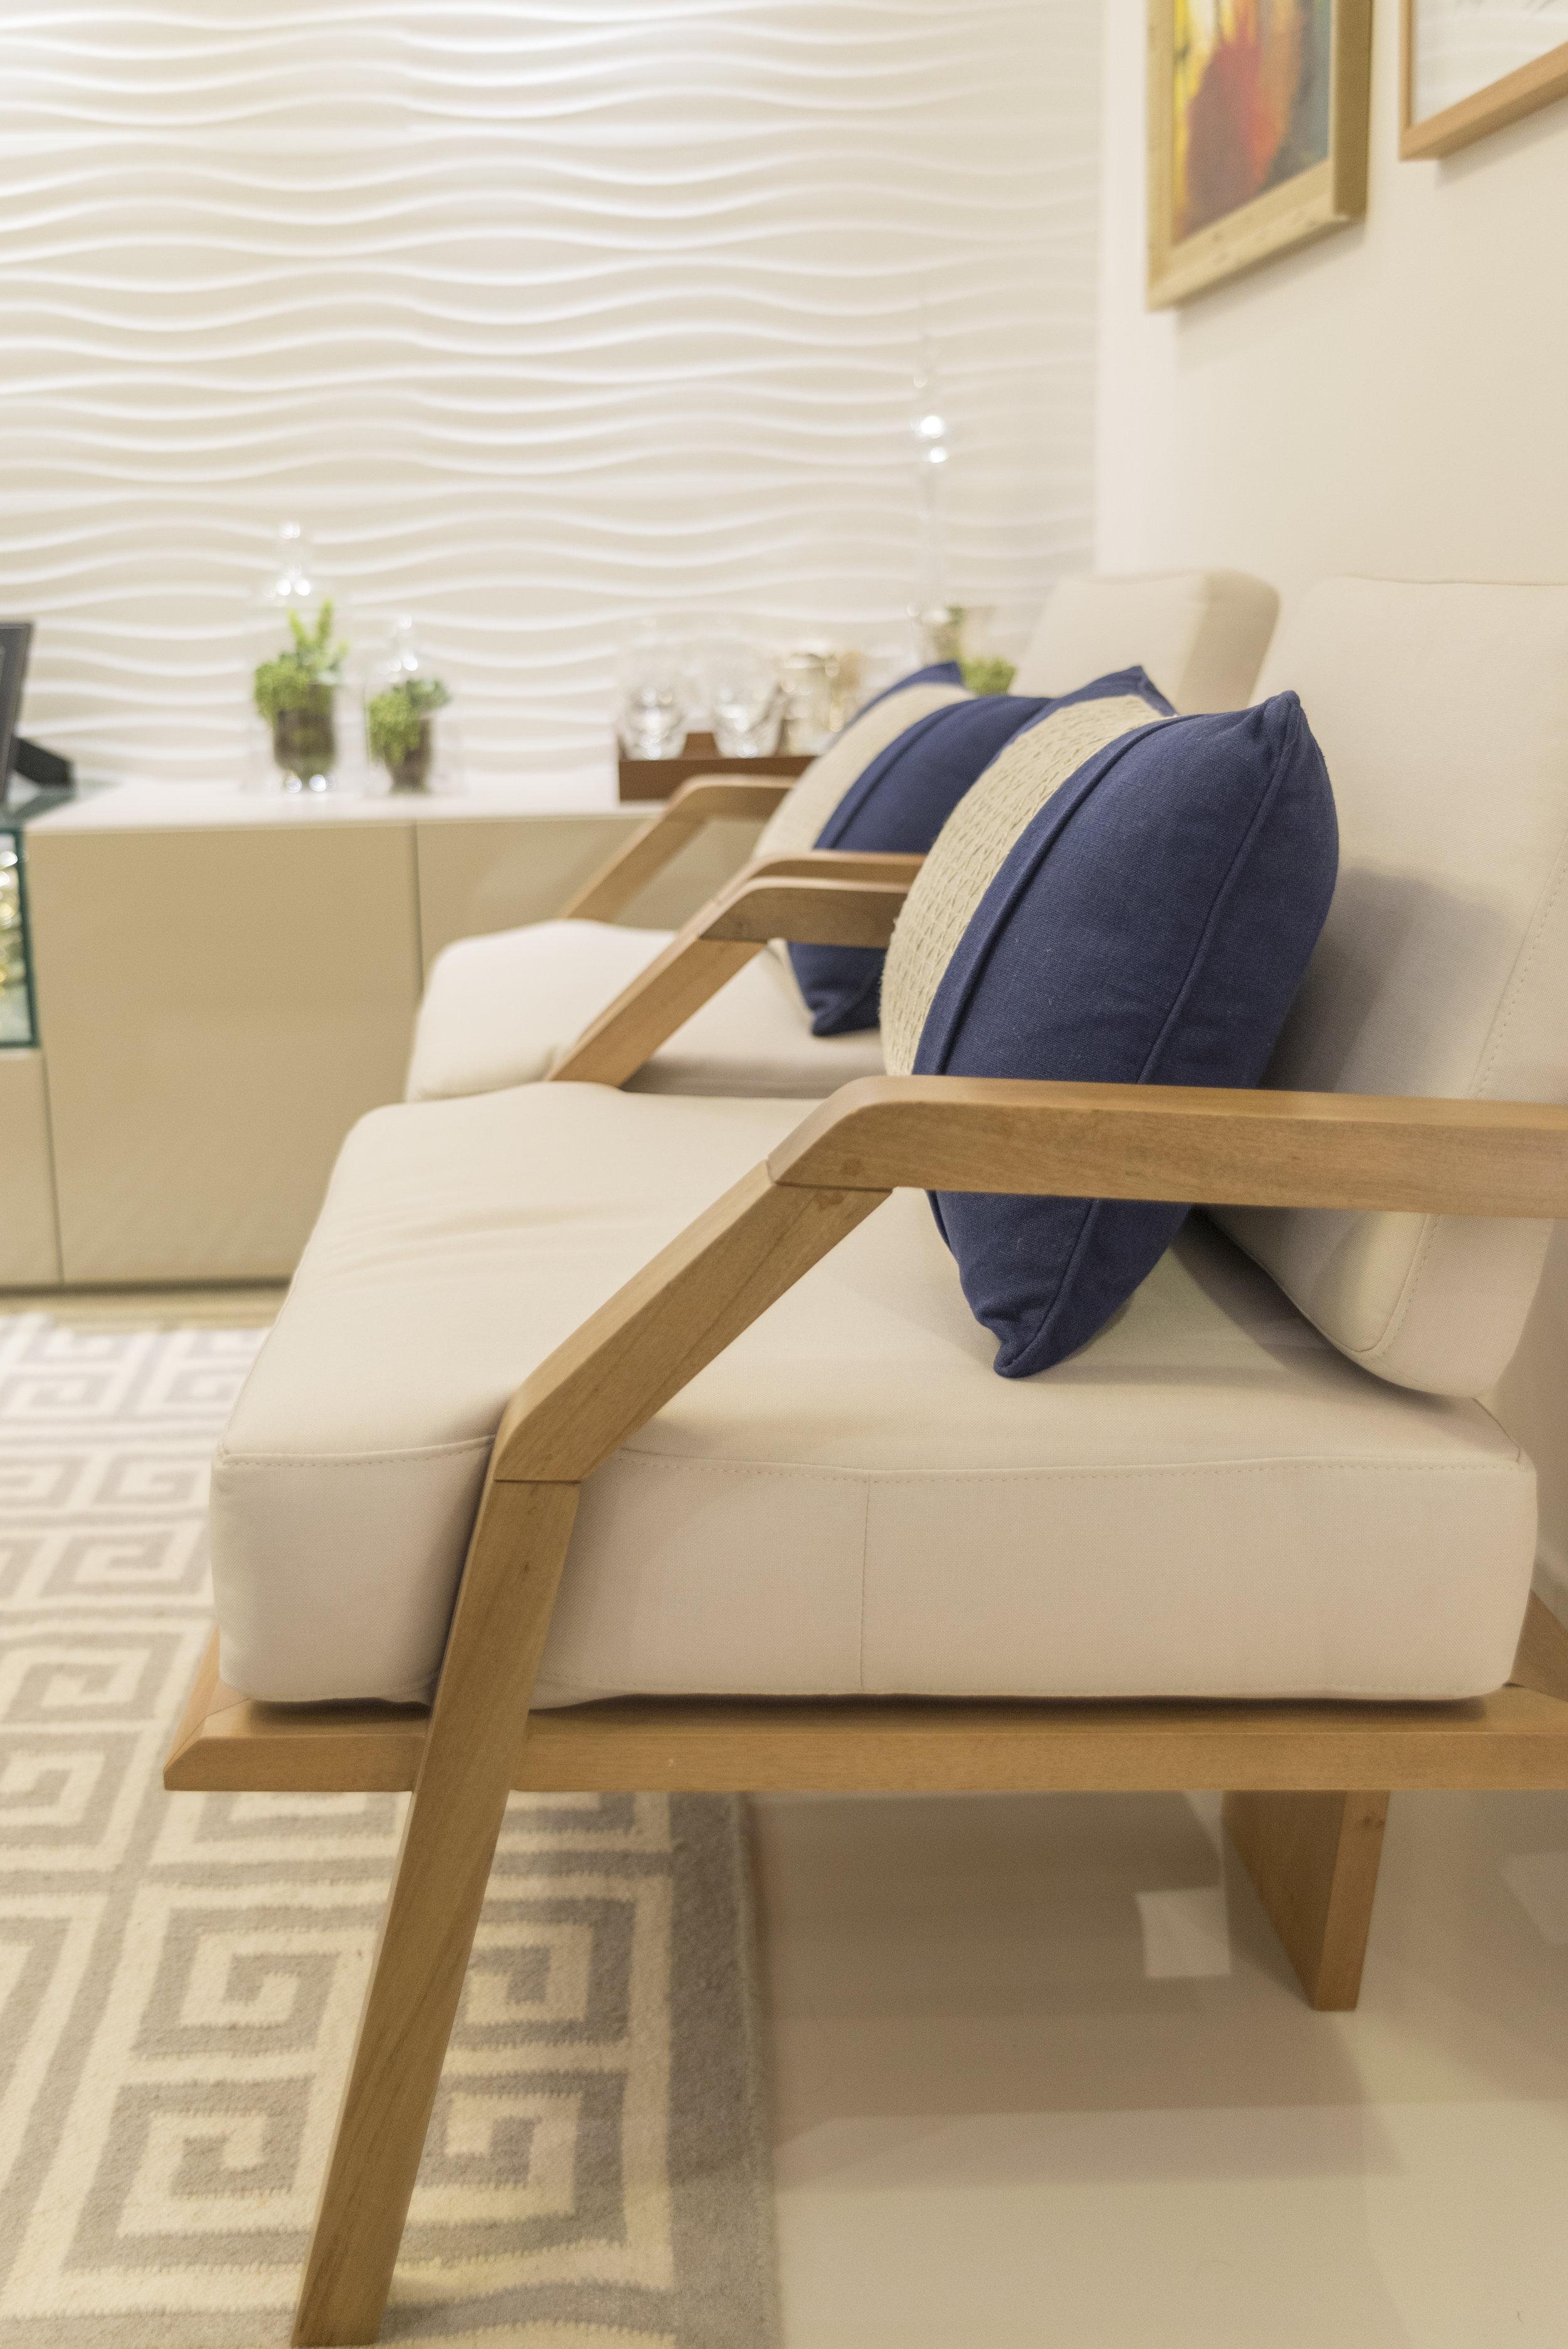 projeto-arquitetonico-luciananilton-duo-arquitetura-apartamentos-natal-033.jpg